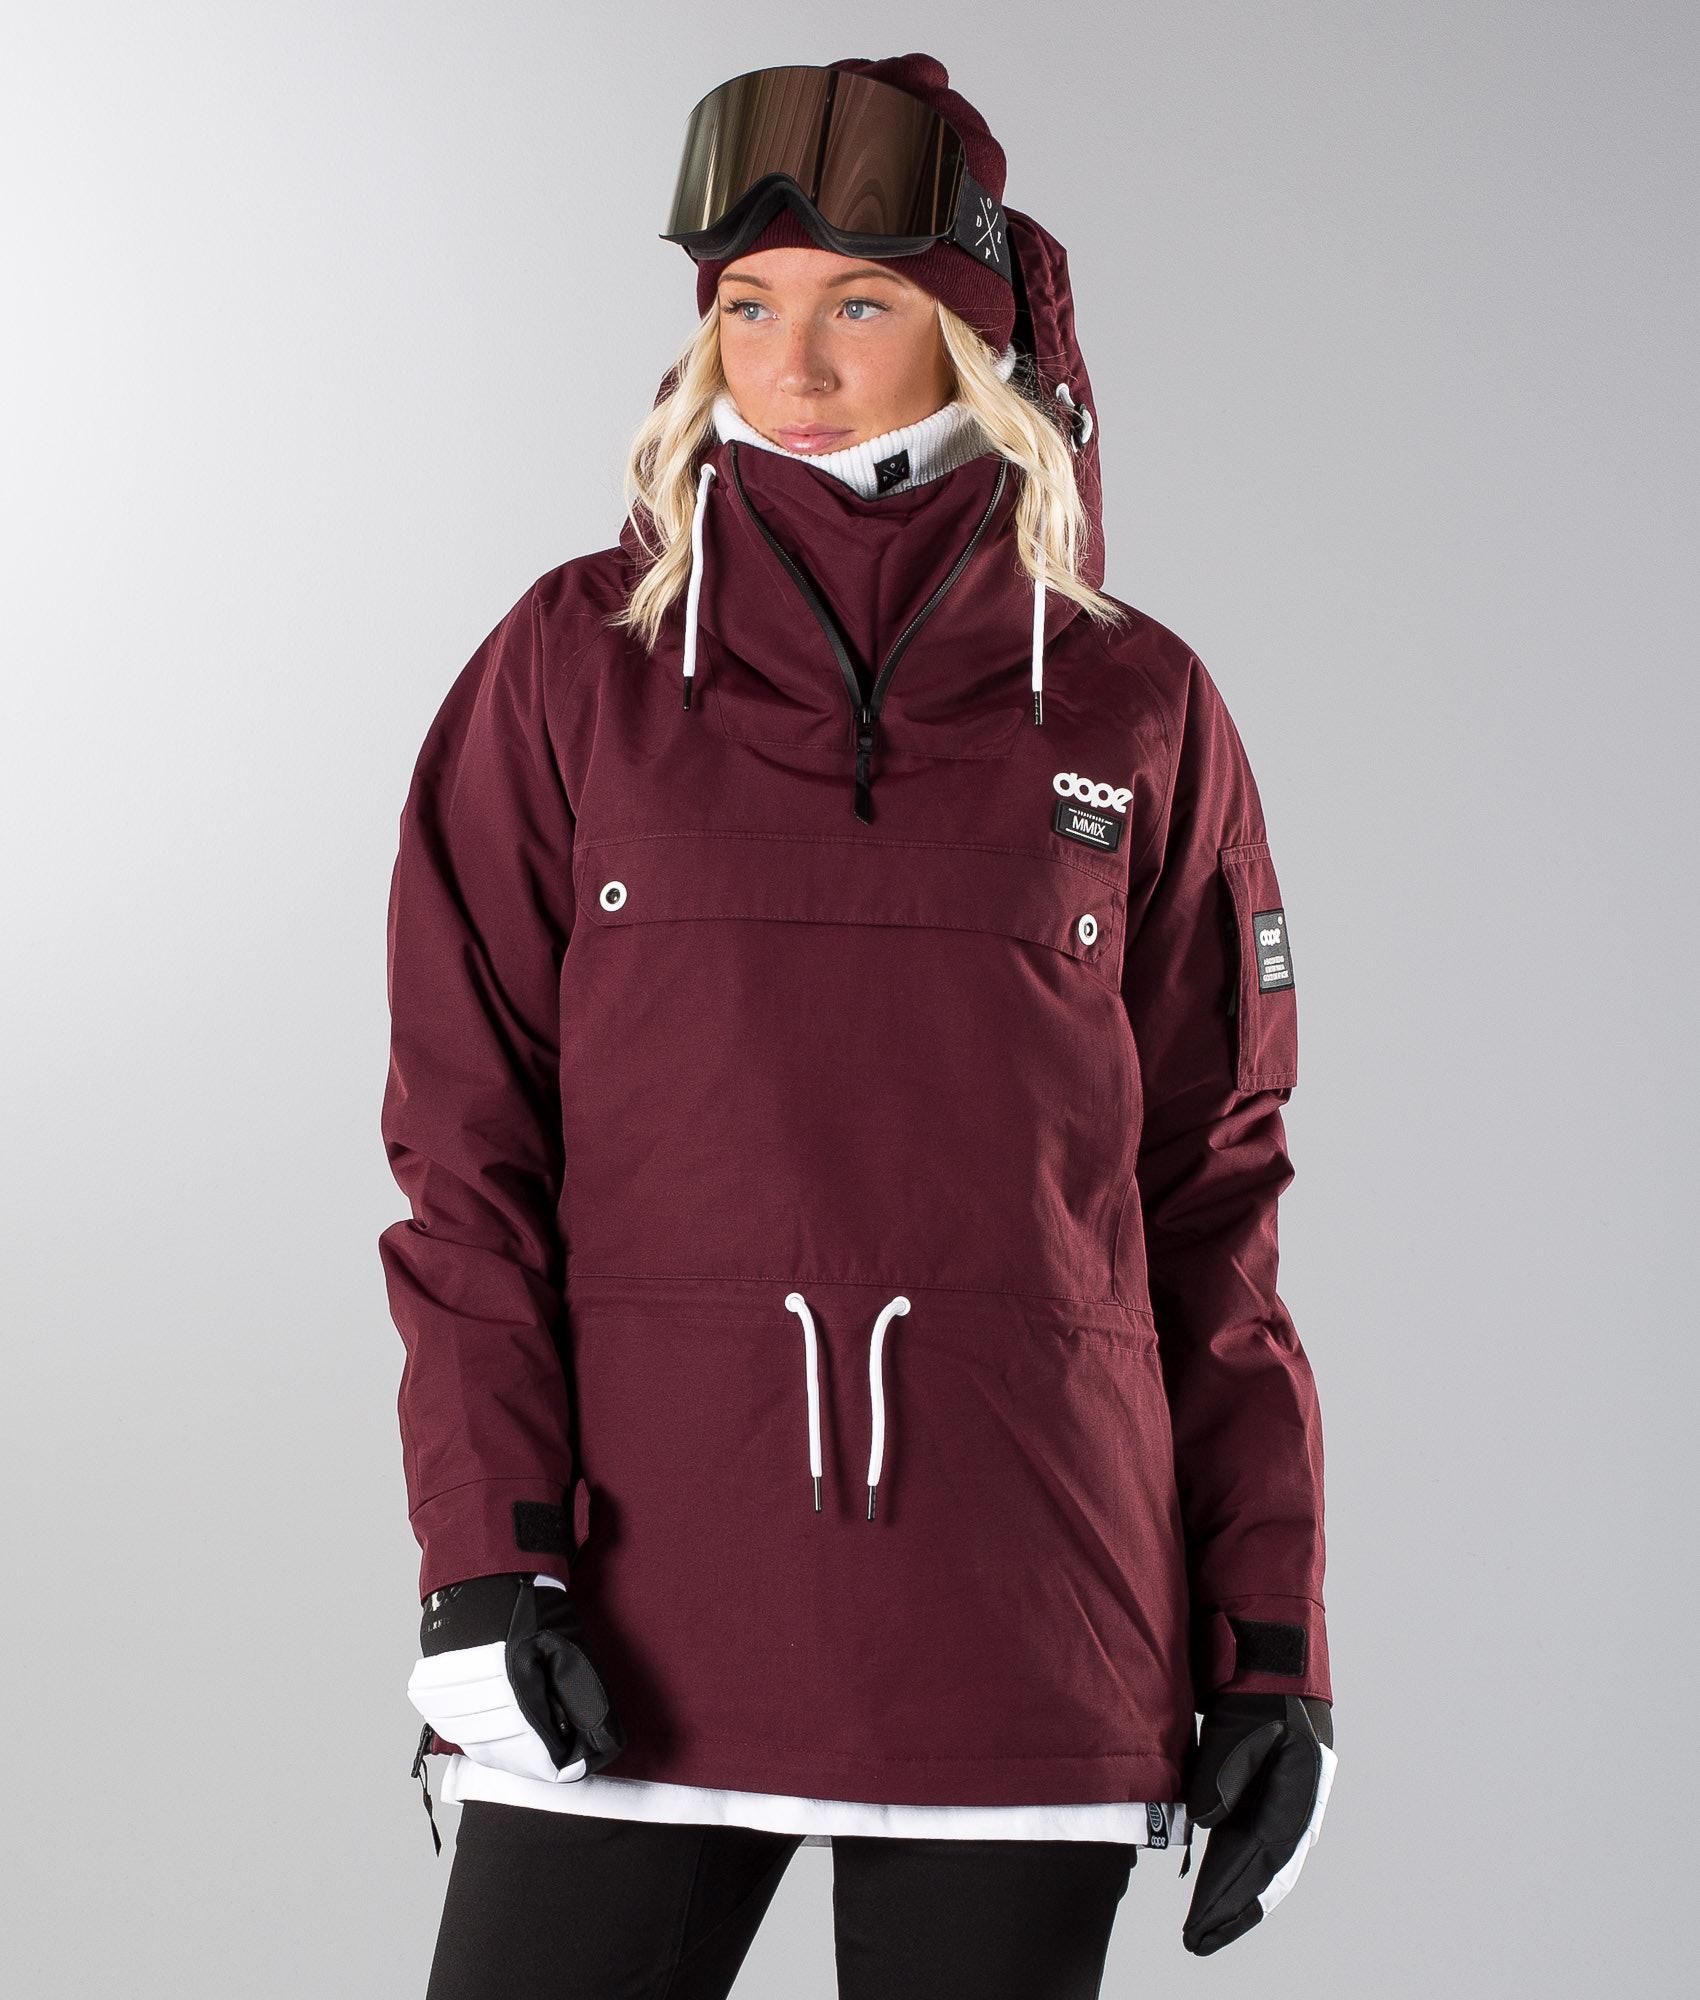 d60c8ae5570e0 Dope snow - snowboardkläder   skidkläder - Ridestore.se